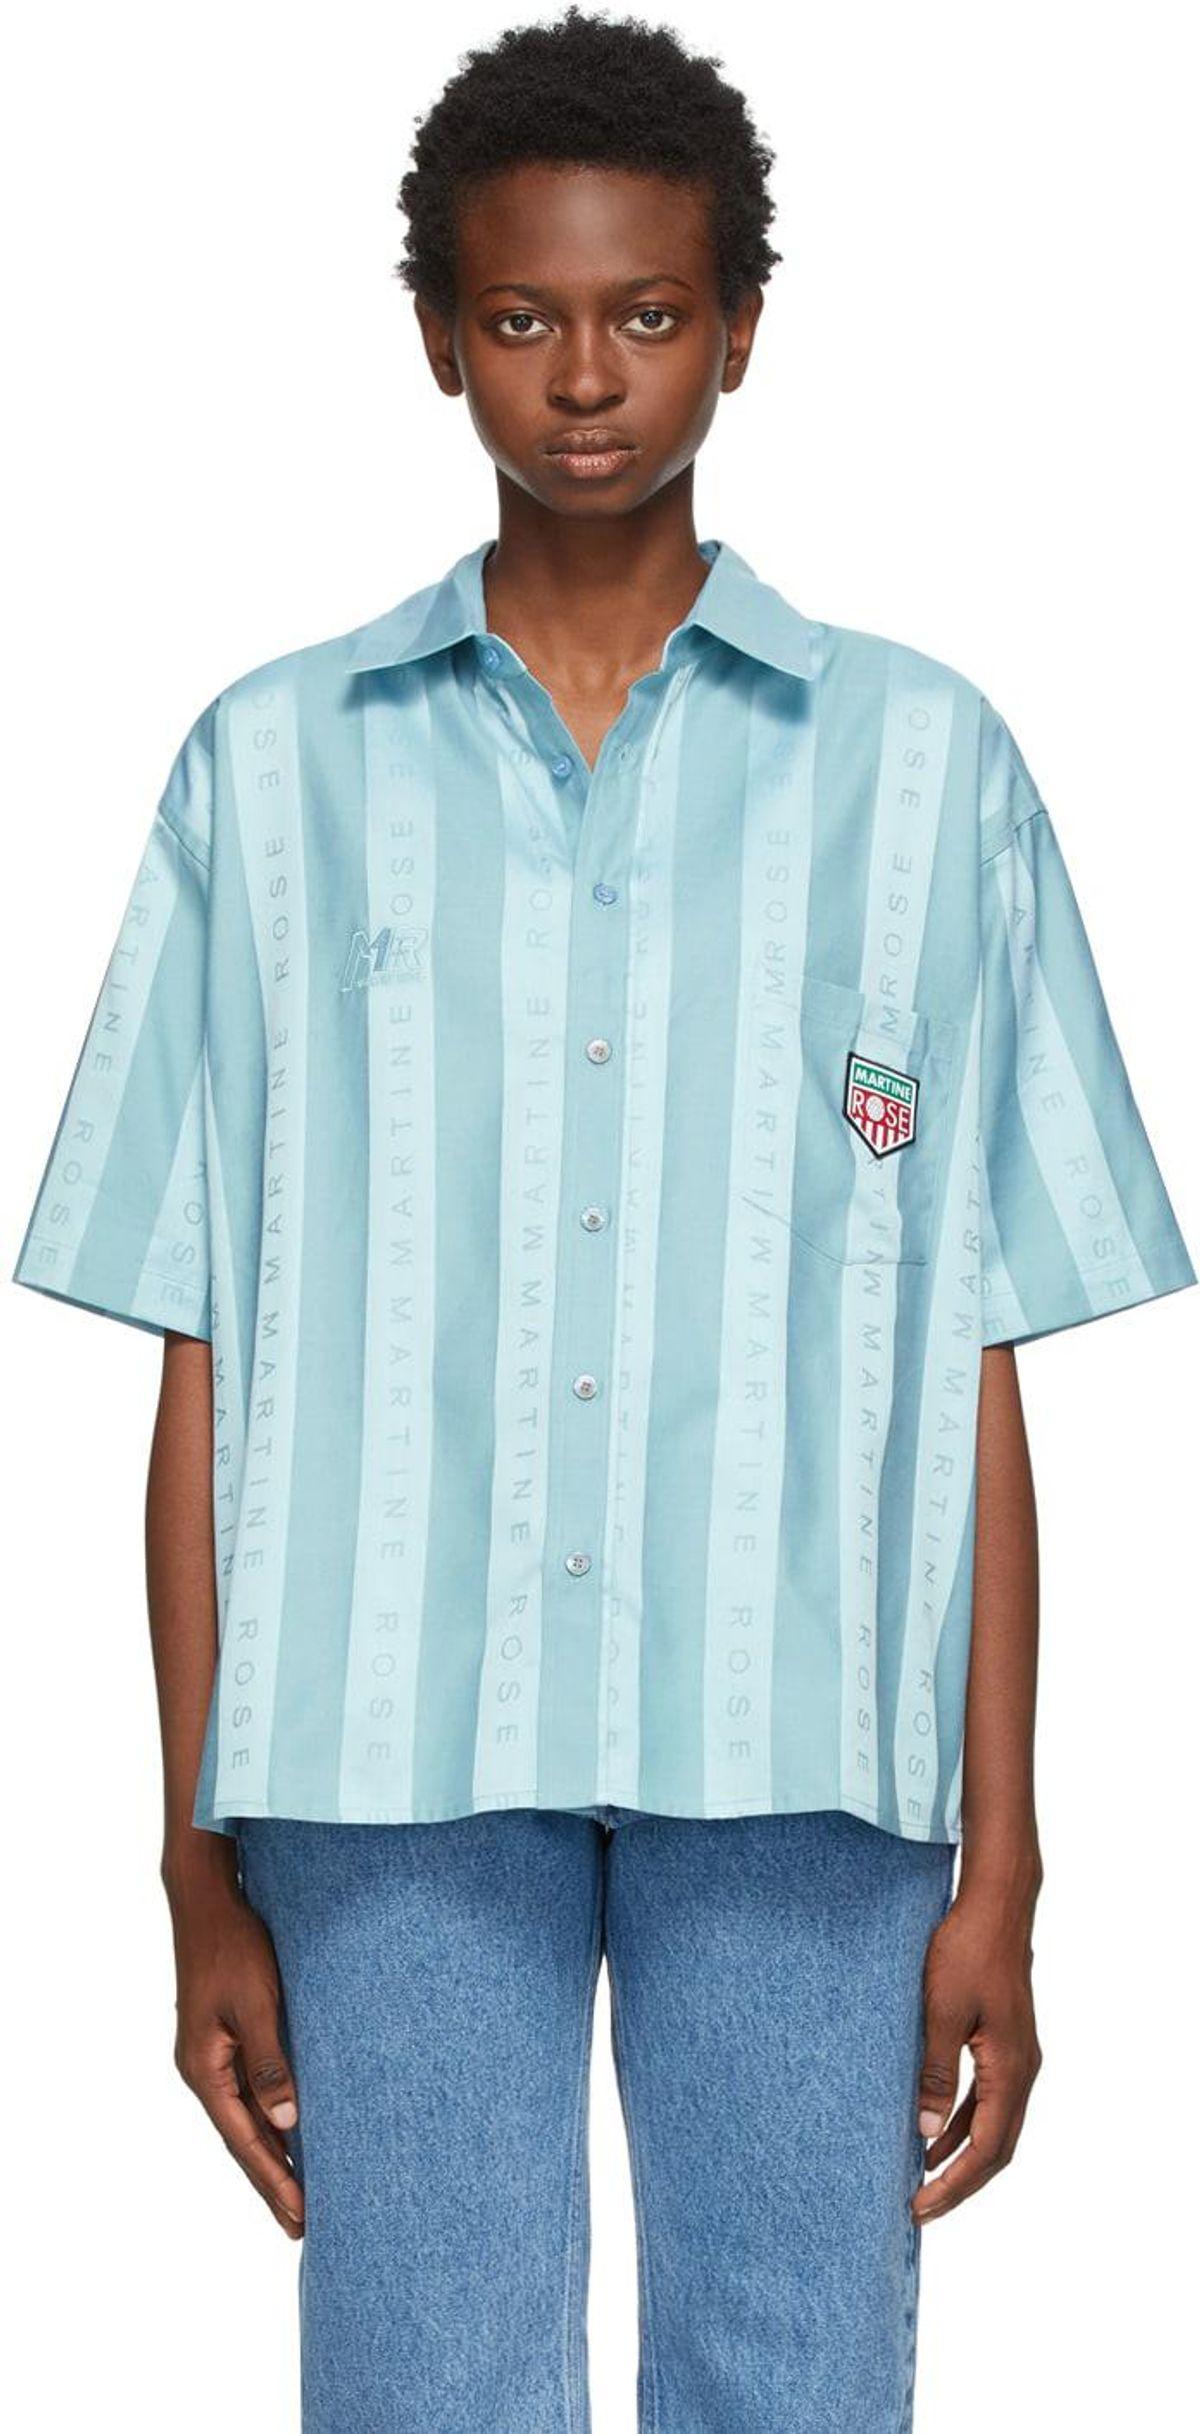 Duel Short Sleeve Shirt